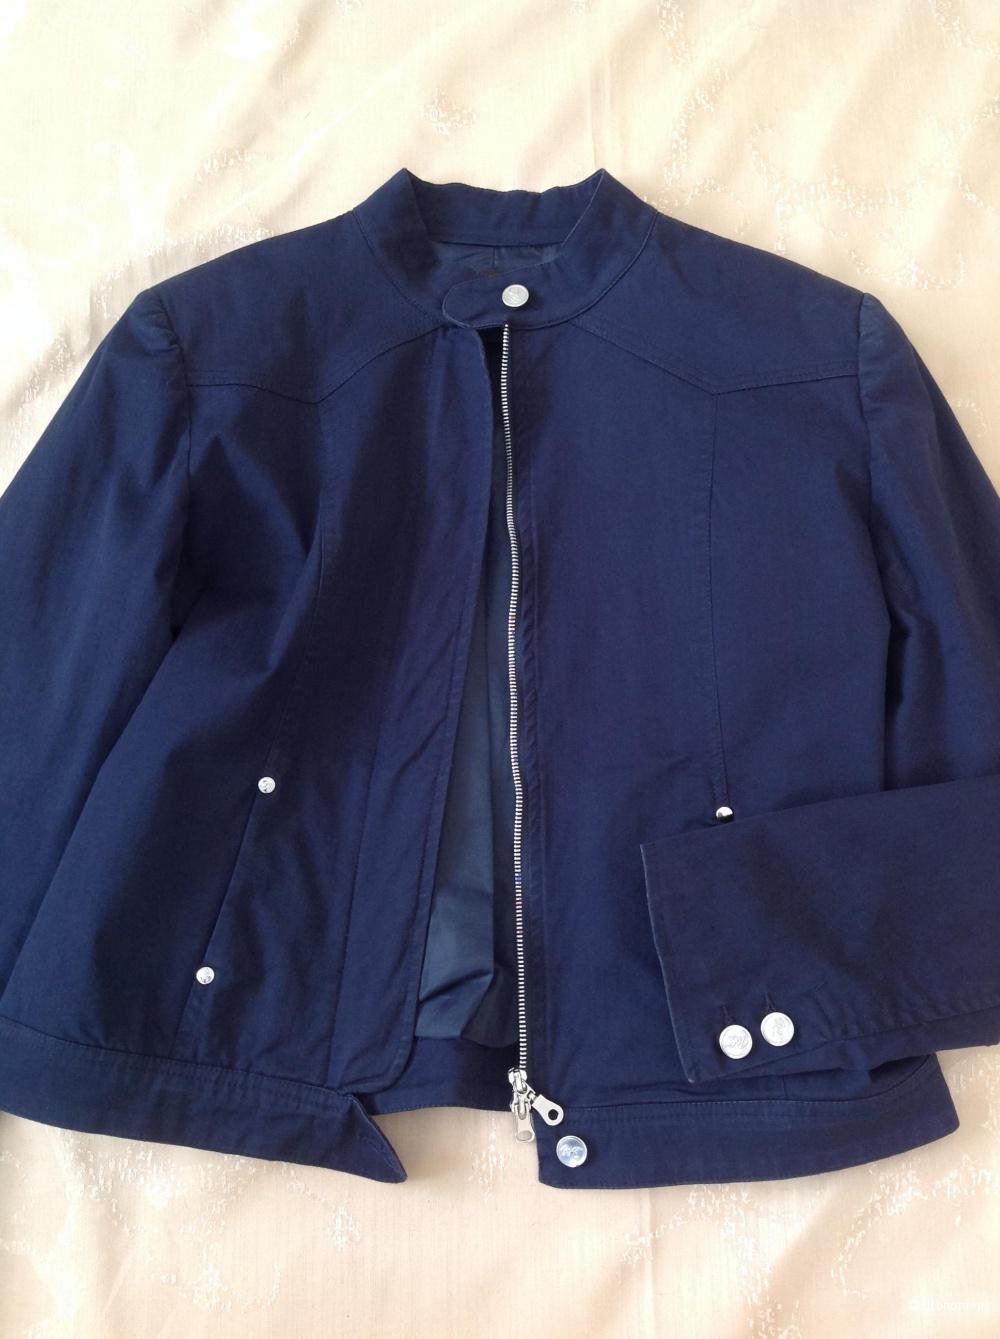 Куртка Miss comode Italia , размер XL, на 48-50-52